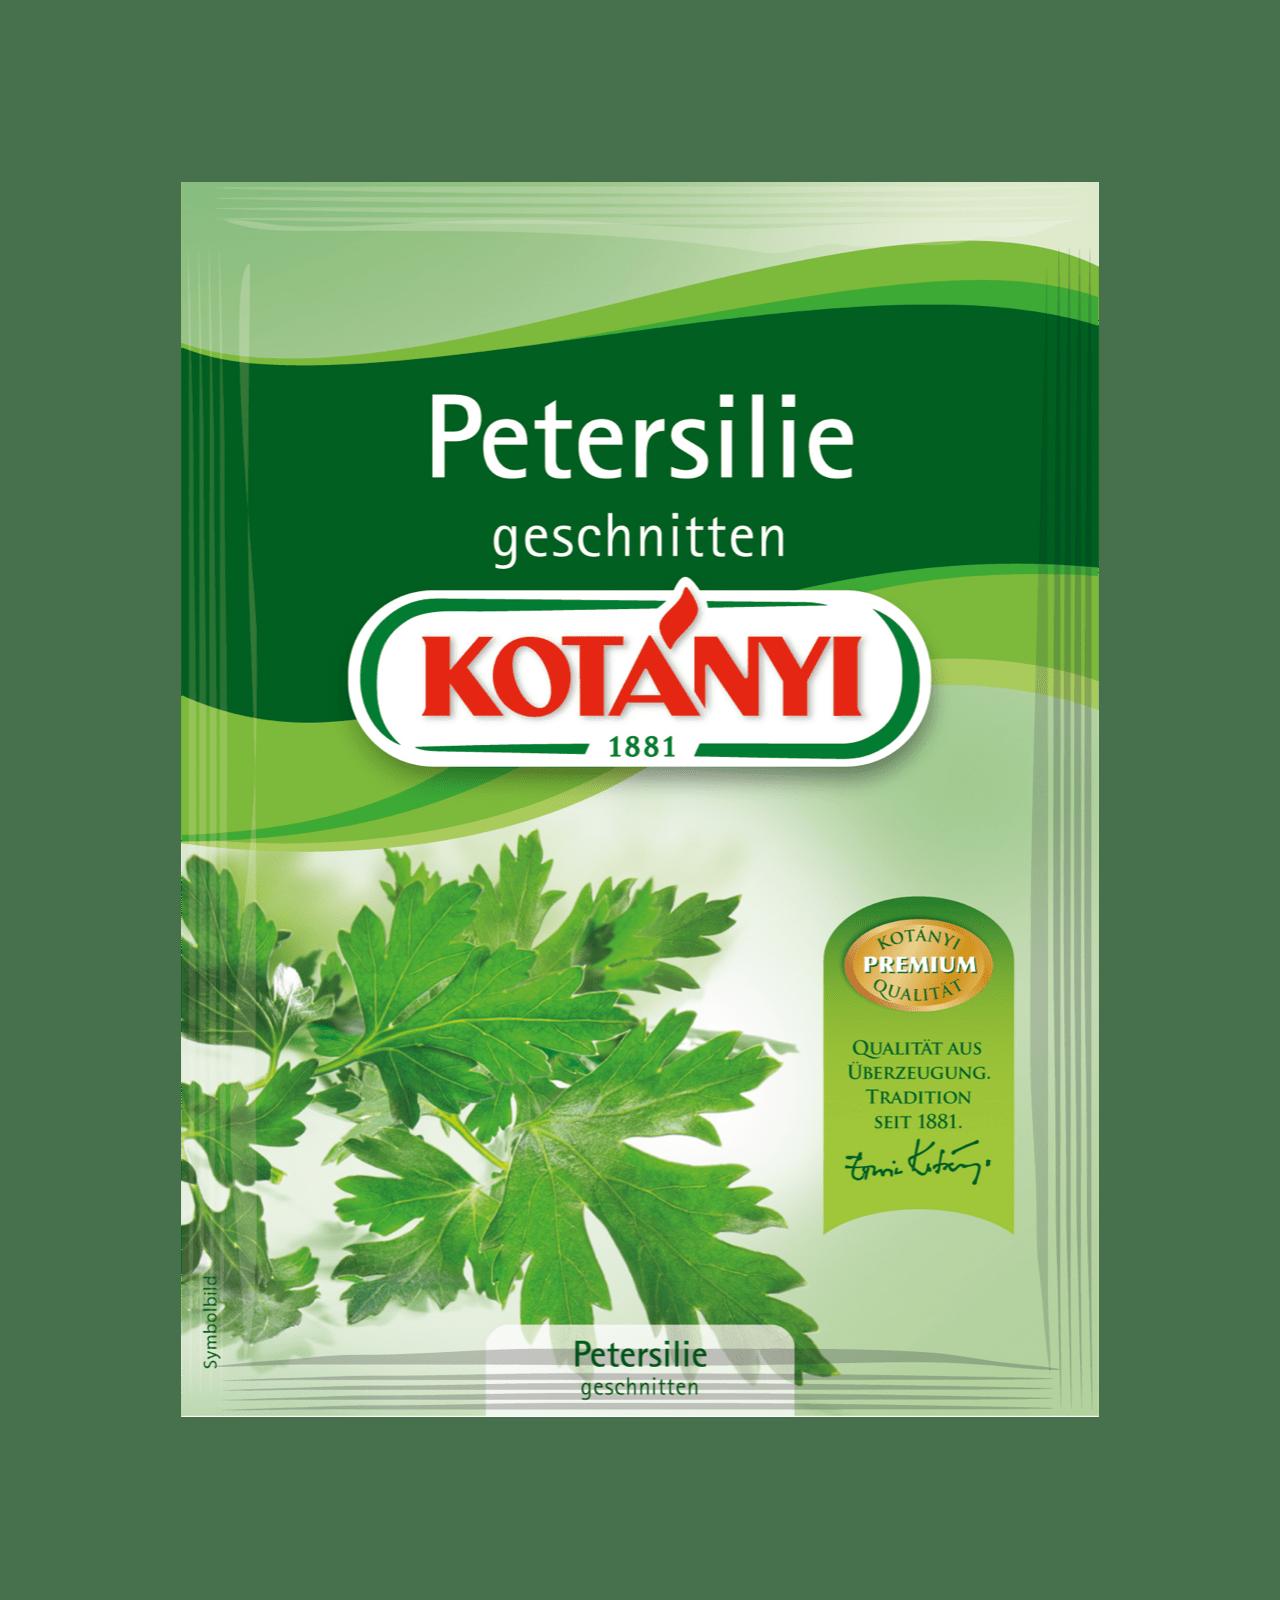 Kotányi Petersilie geschnitten im Brief